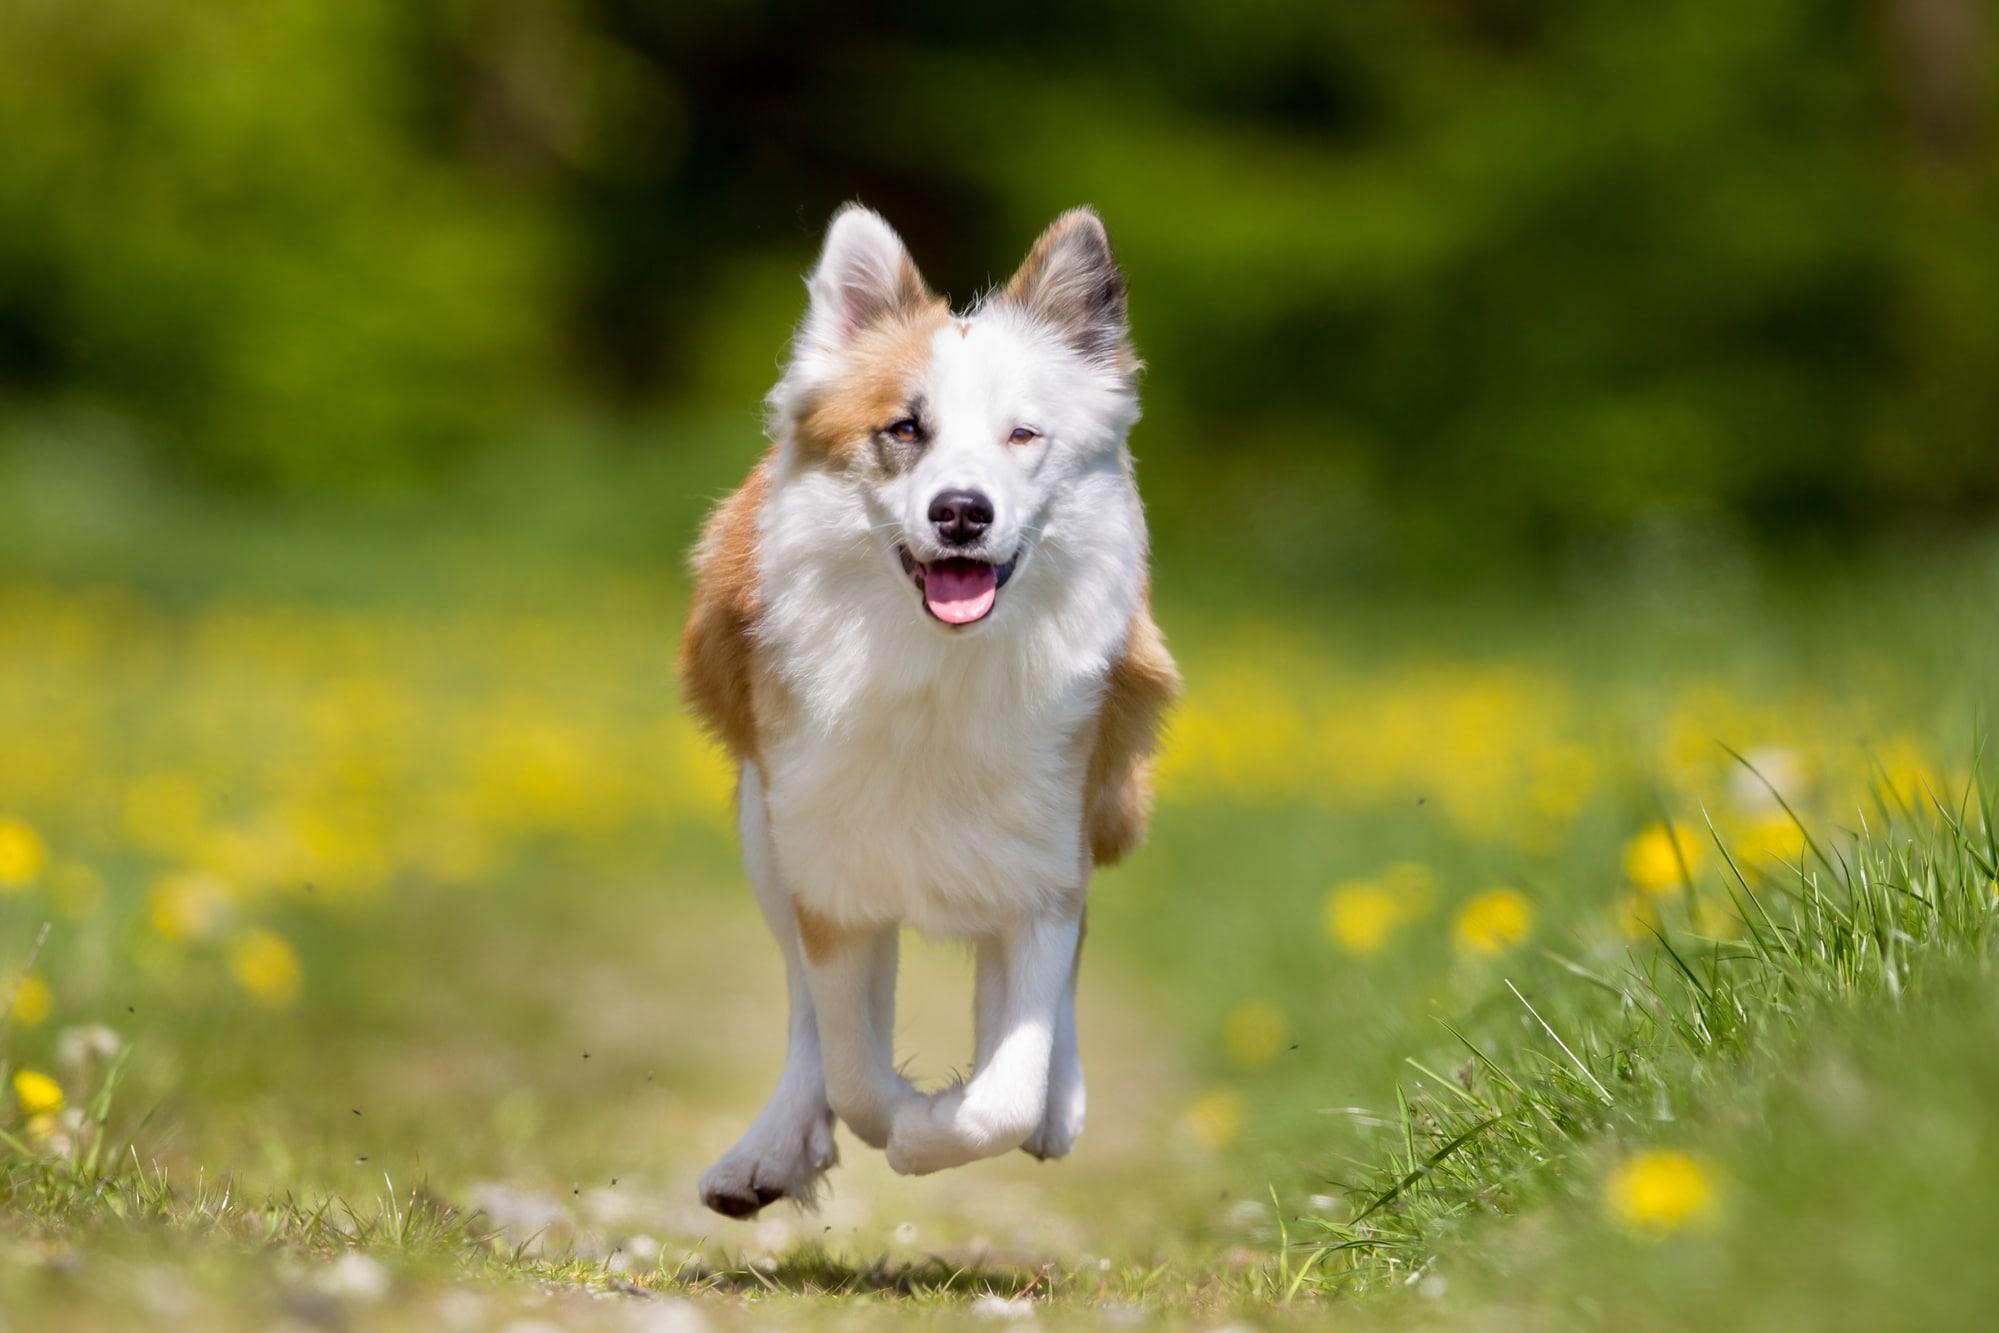 Islandhund springt